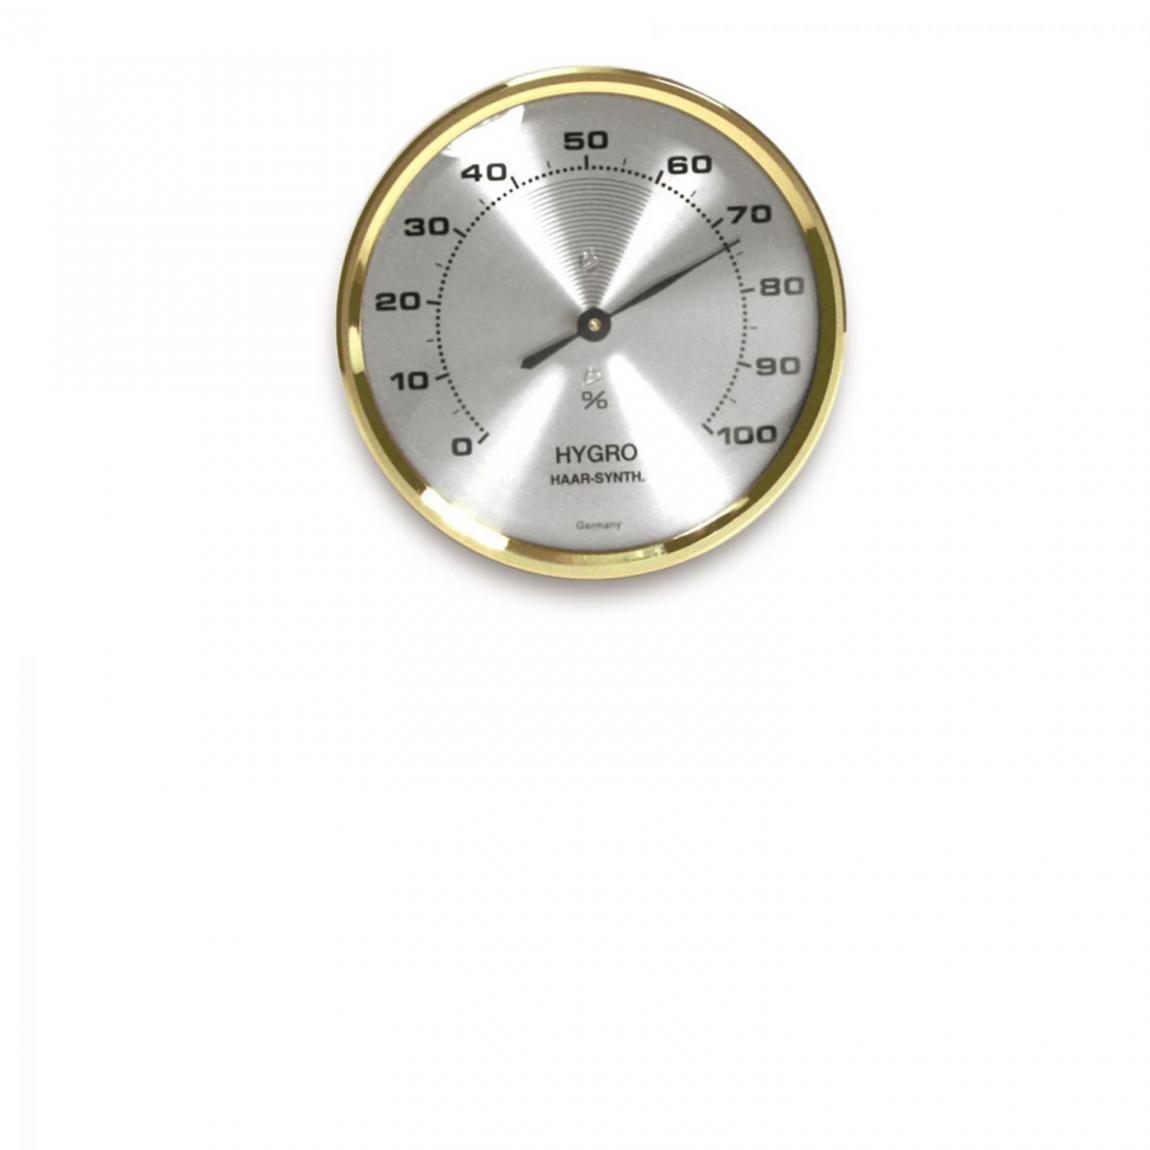 TFA Zeiger-Hygrometer, Haarsynthetik